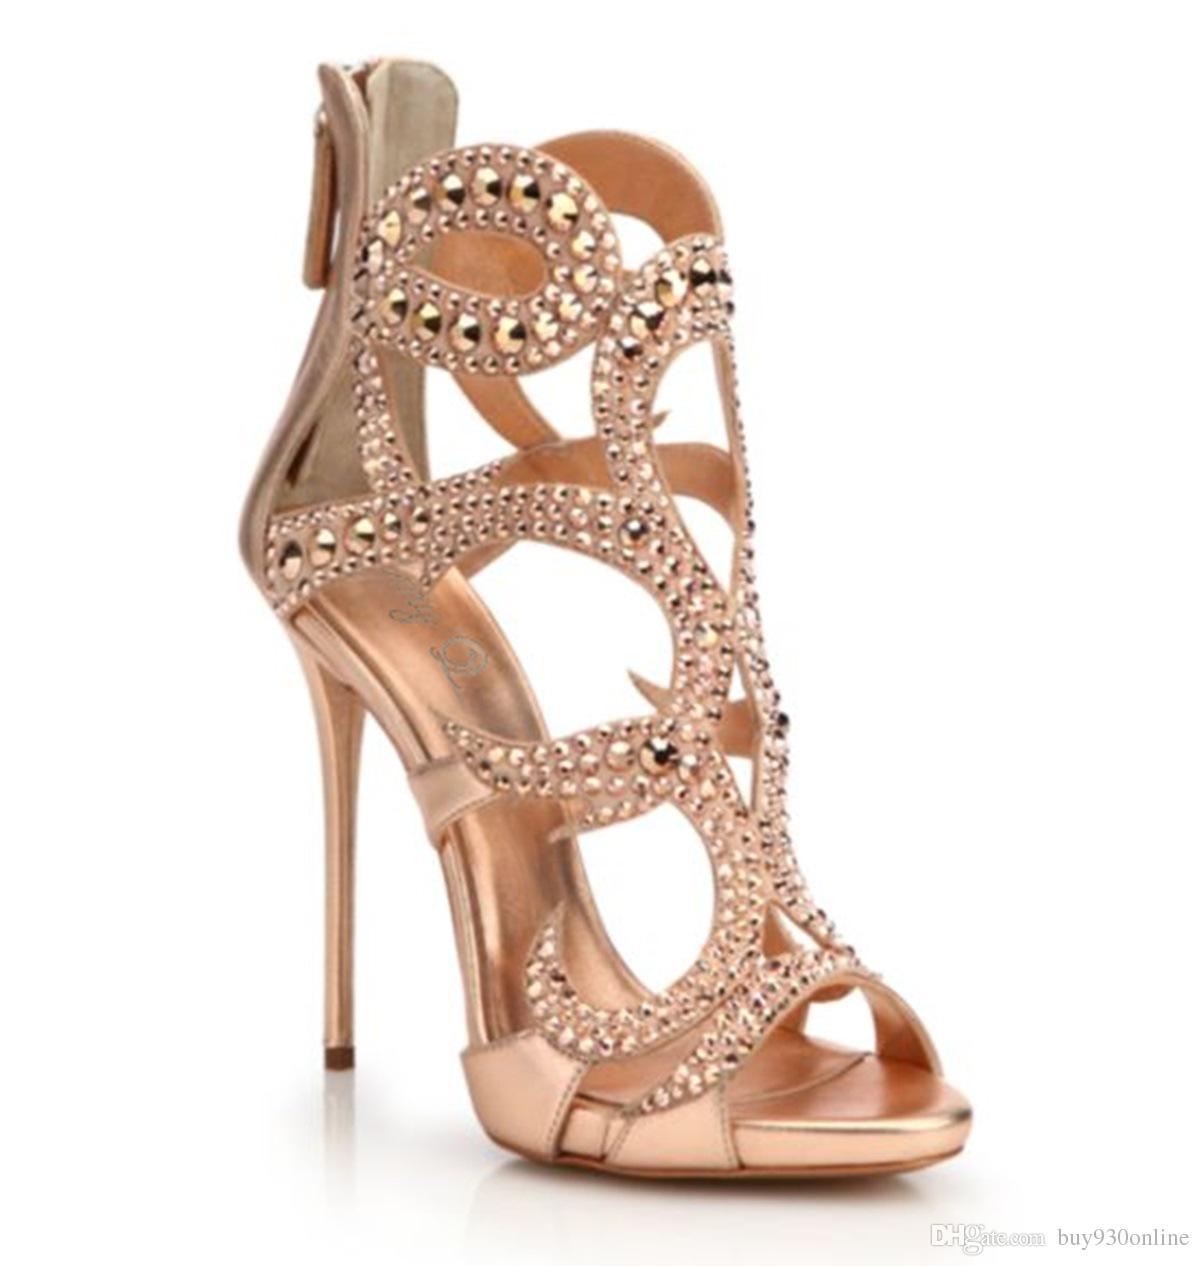 Роскошные сексуальные женские сандалии на высоком каблуке для женщин 2019 весна-лето тонкие высокие каблуки полые кристаллы простые элегантные женские туфли на высоком каблуке ну вечеринку обувь